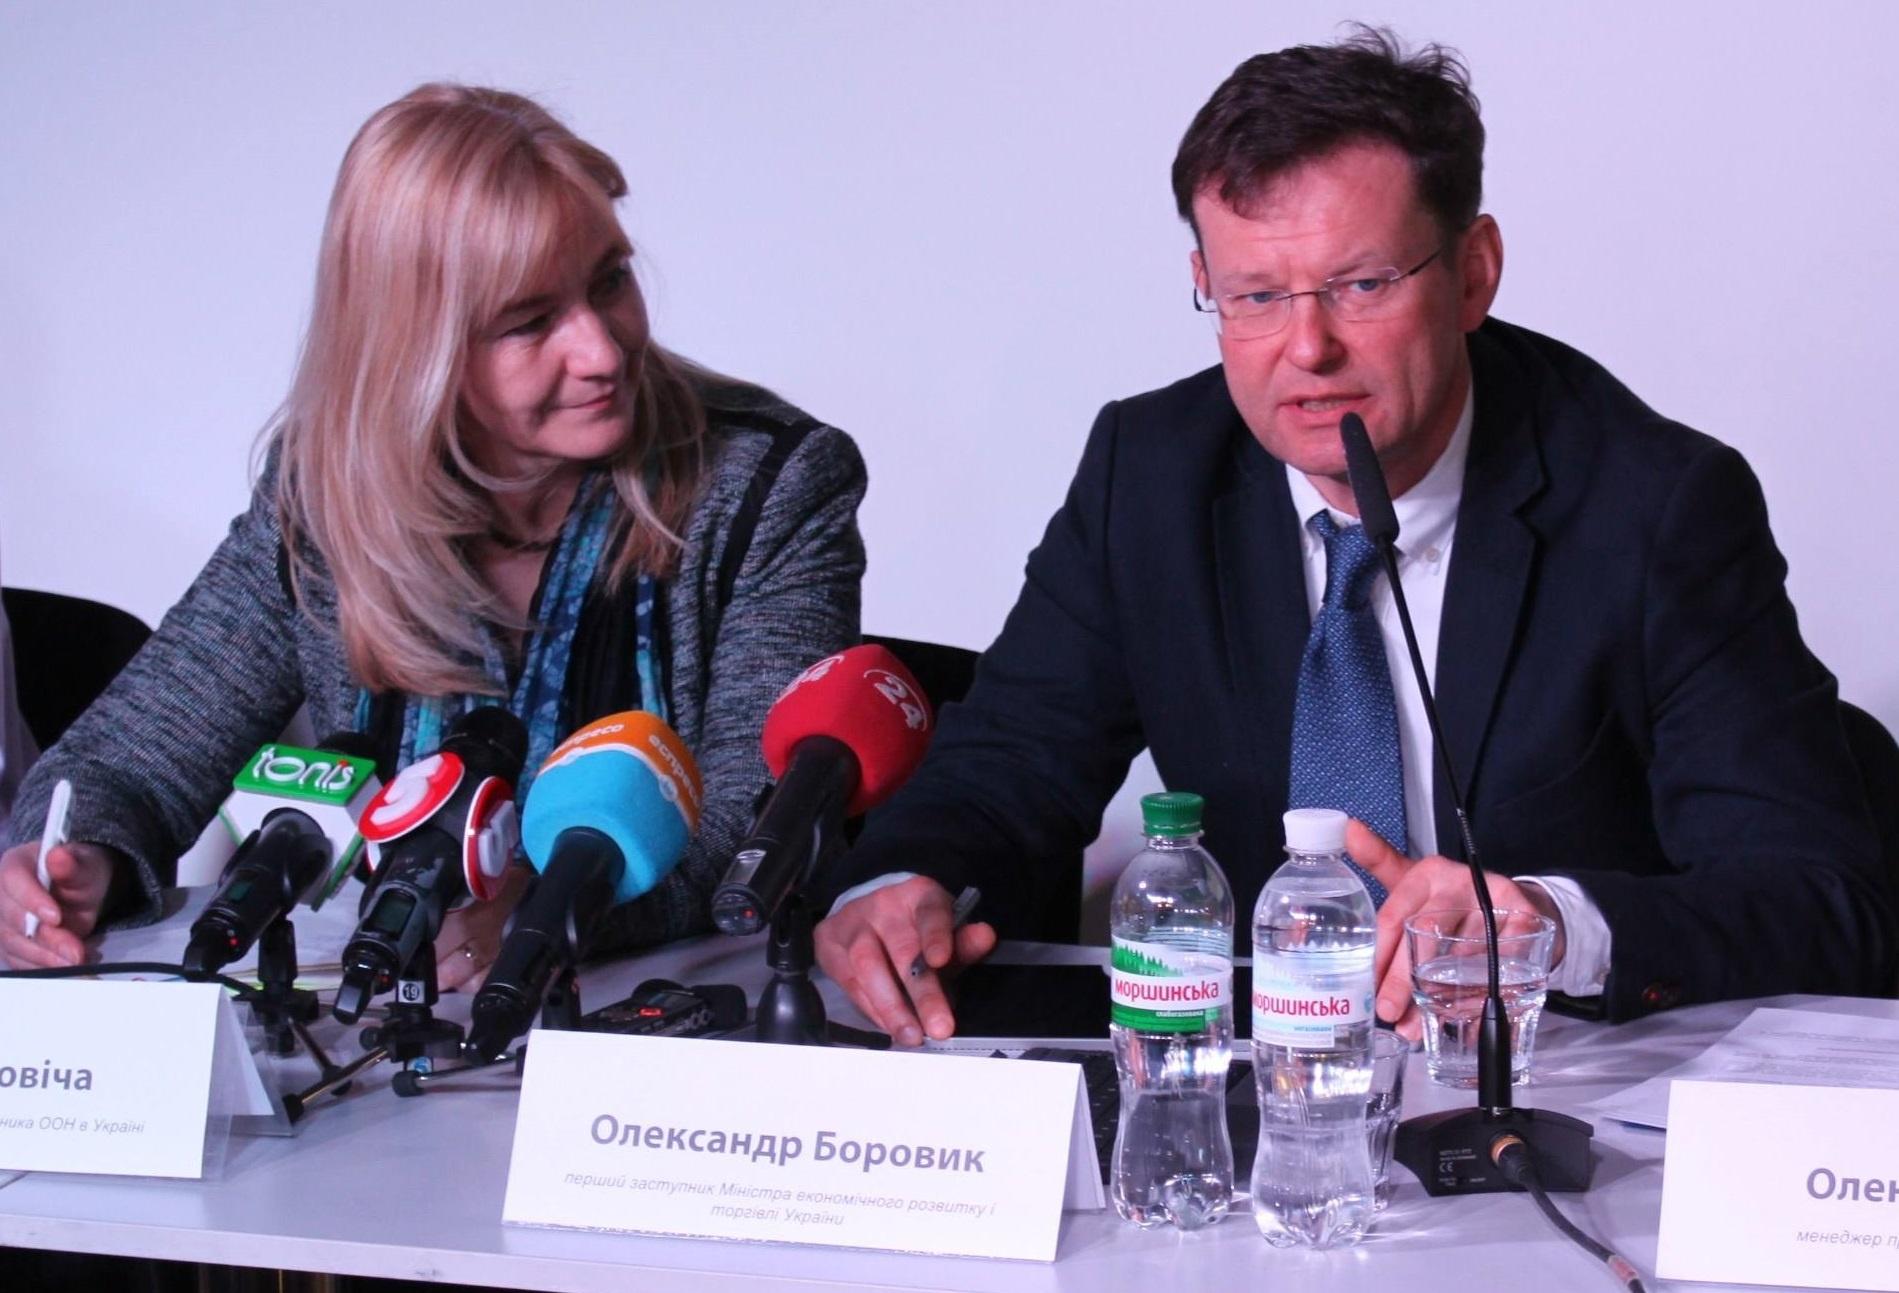 """Боровик: Абромавичус писал по электронной почте: """"Не общайся с прессой, не общайся с иностранцами. За твоими действиями следят"""". Это очень странно, ведь я отвечаю за донорские программы, за инвестиционный климат, стратегию, работу с иностранными организациями. Фото: United Nations Development Programme Ukraine / undp.org.ua"""